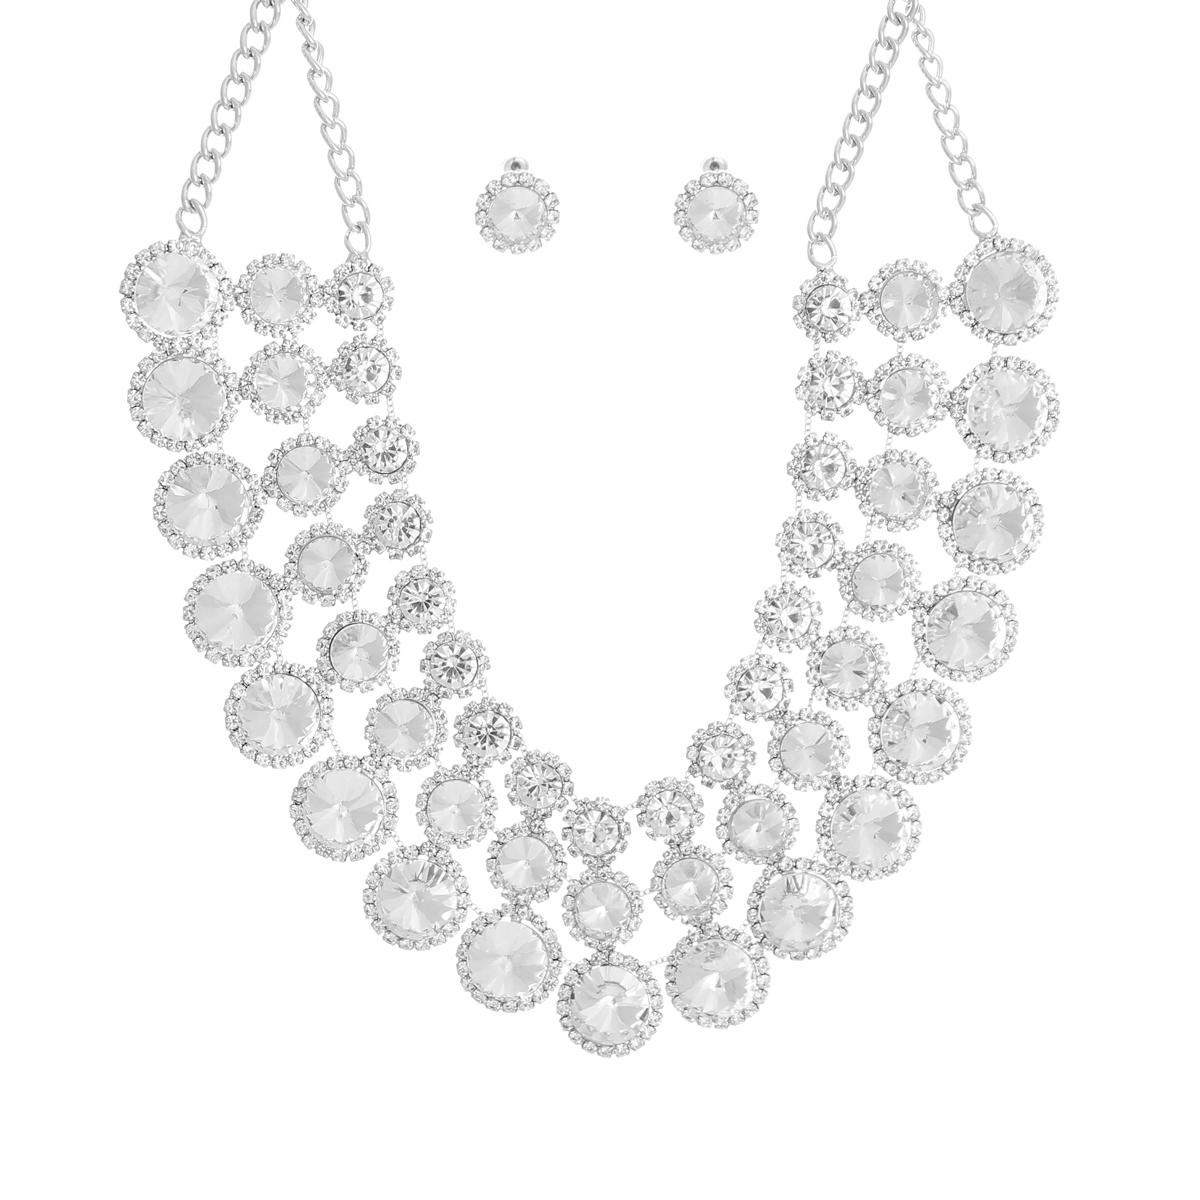 J2161_ConeStone_NecklaceSet_Silver_lux